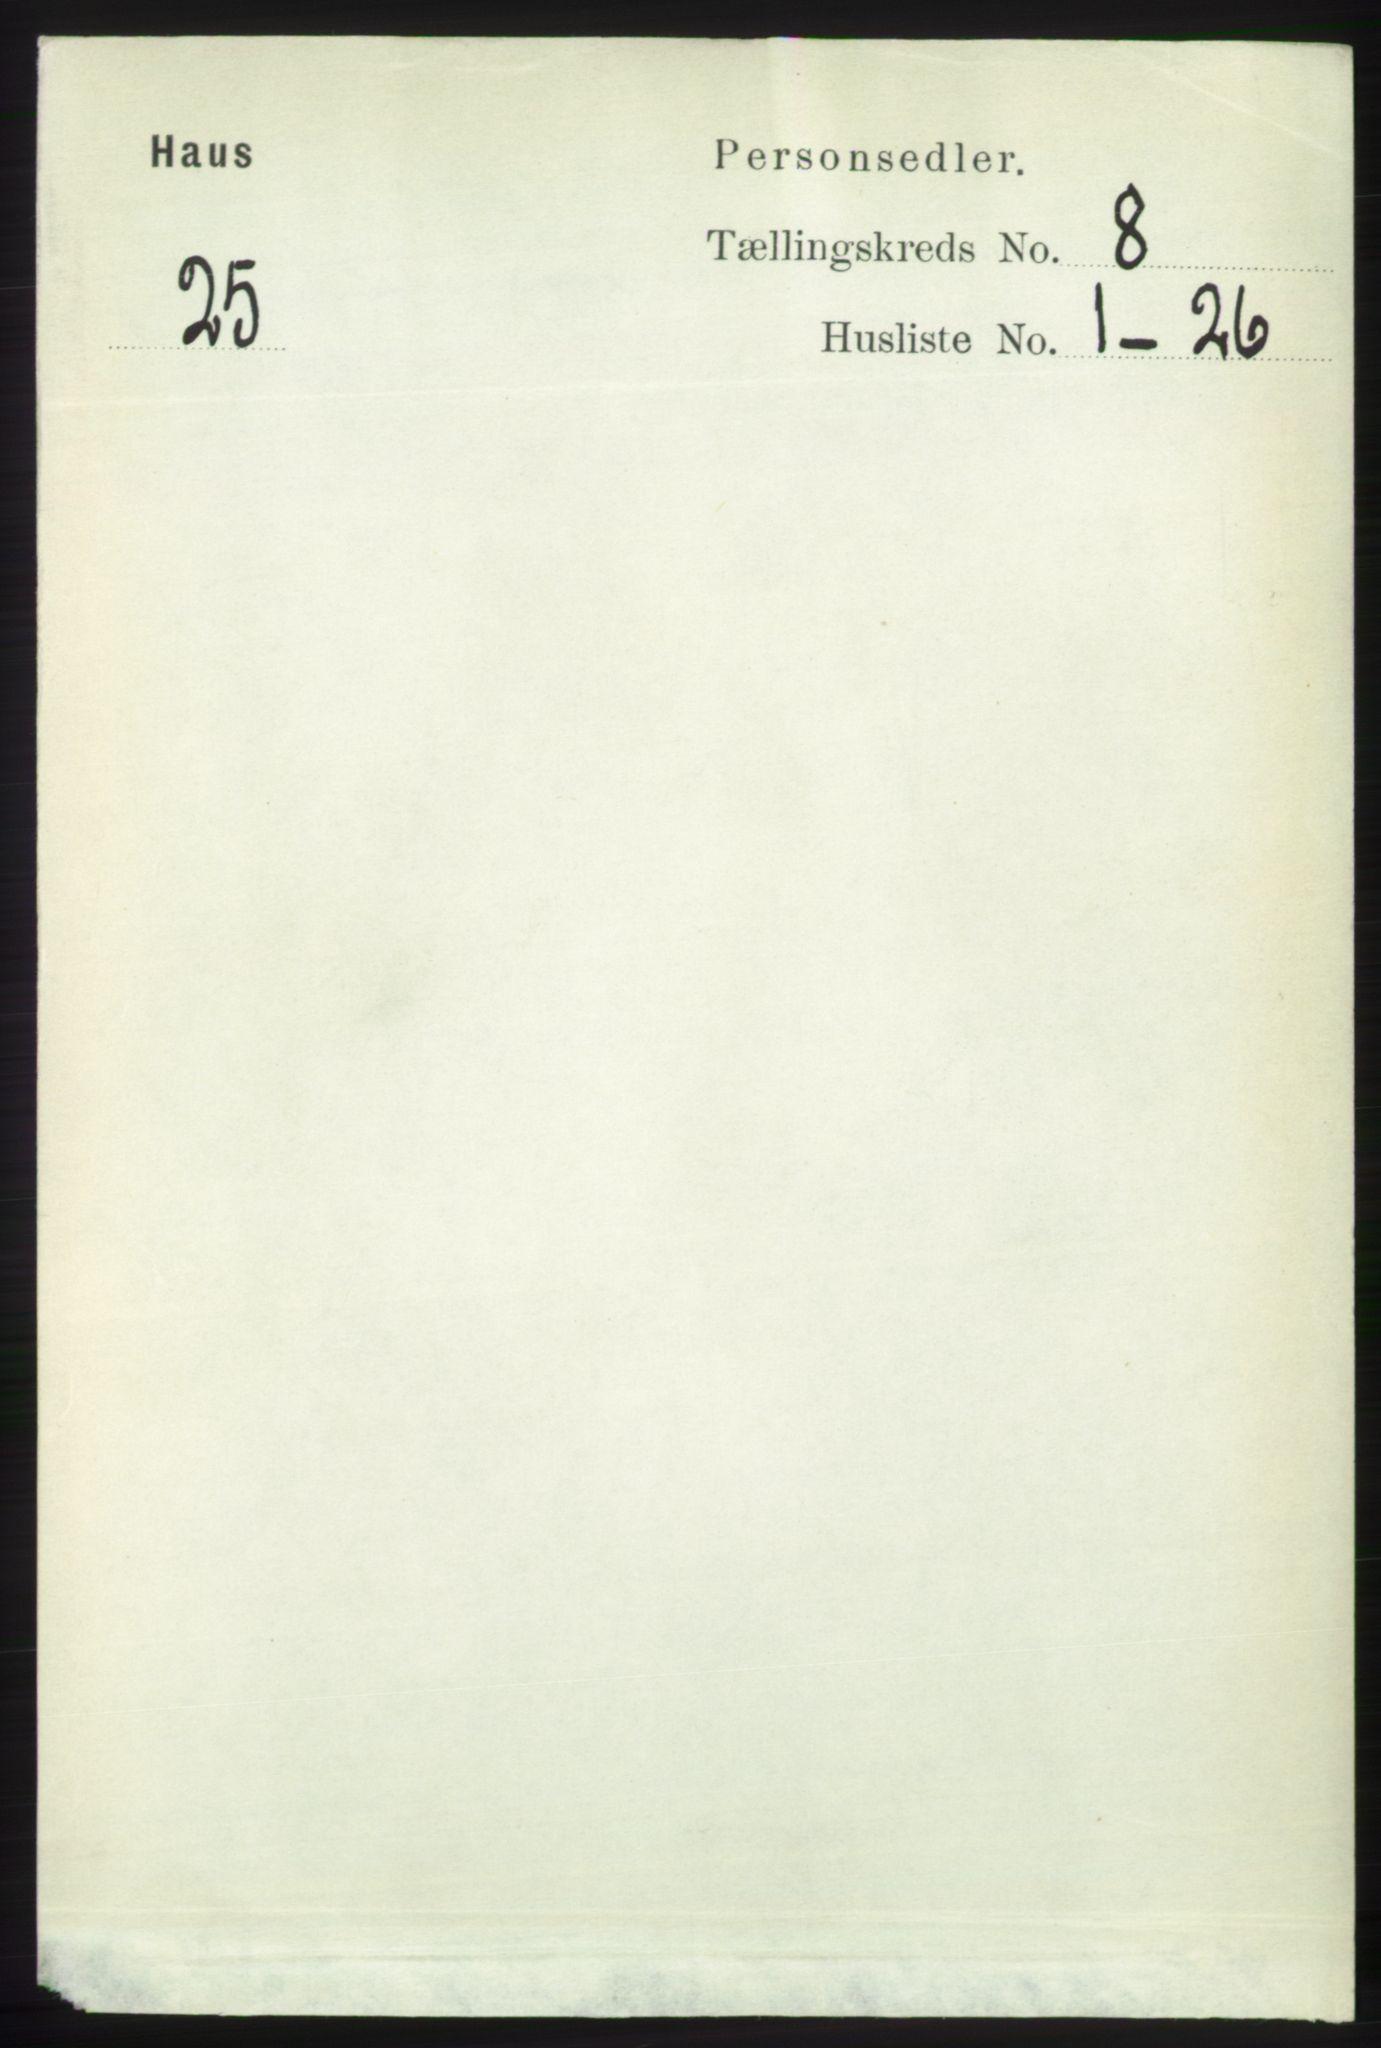 RA, Folketelling 1891 for 1250 Haus herred, 1891, s. 3153